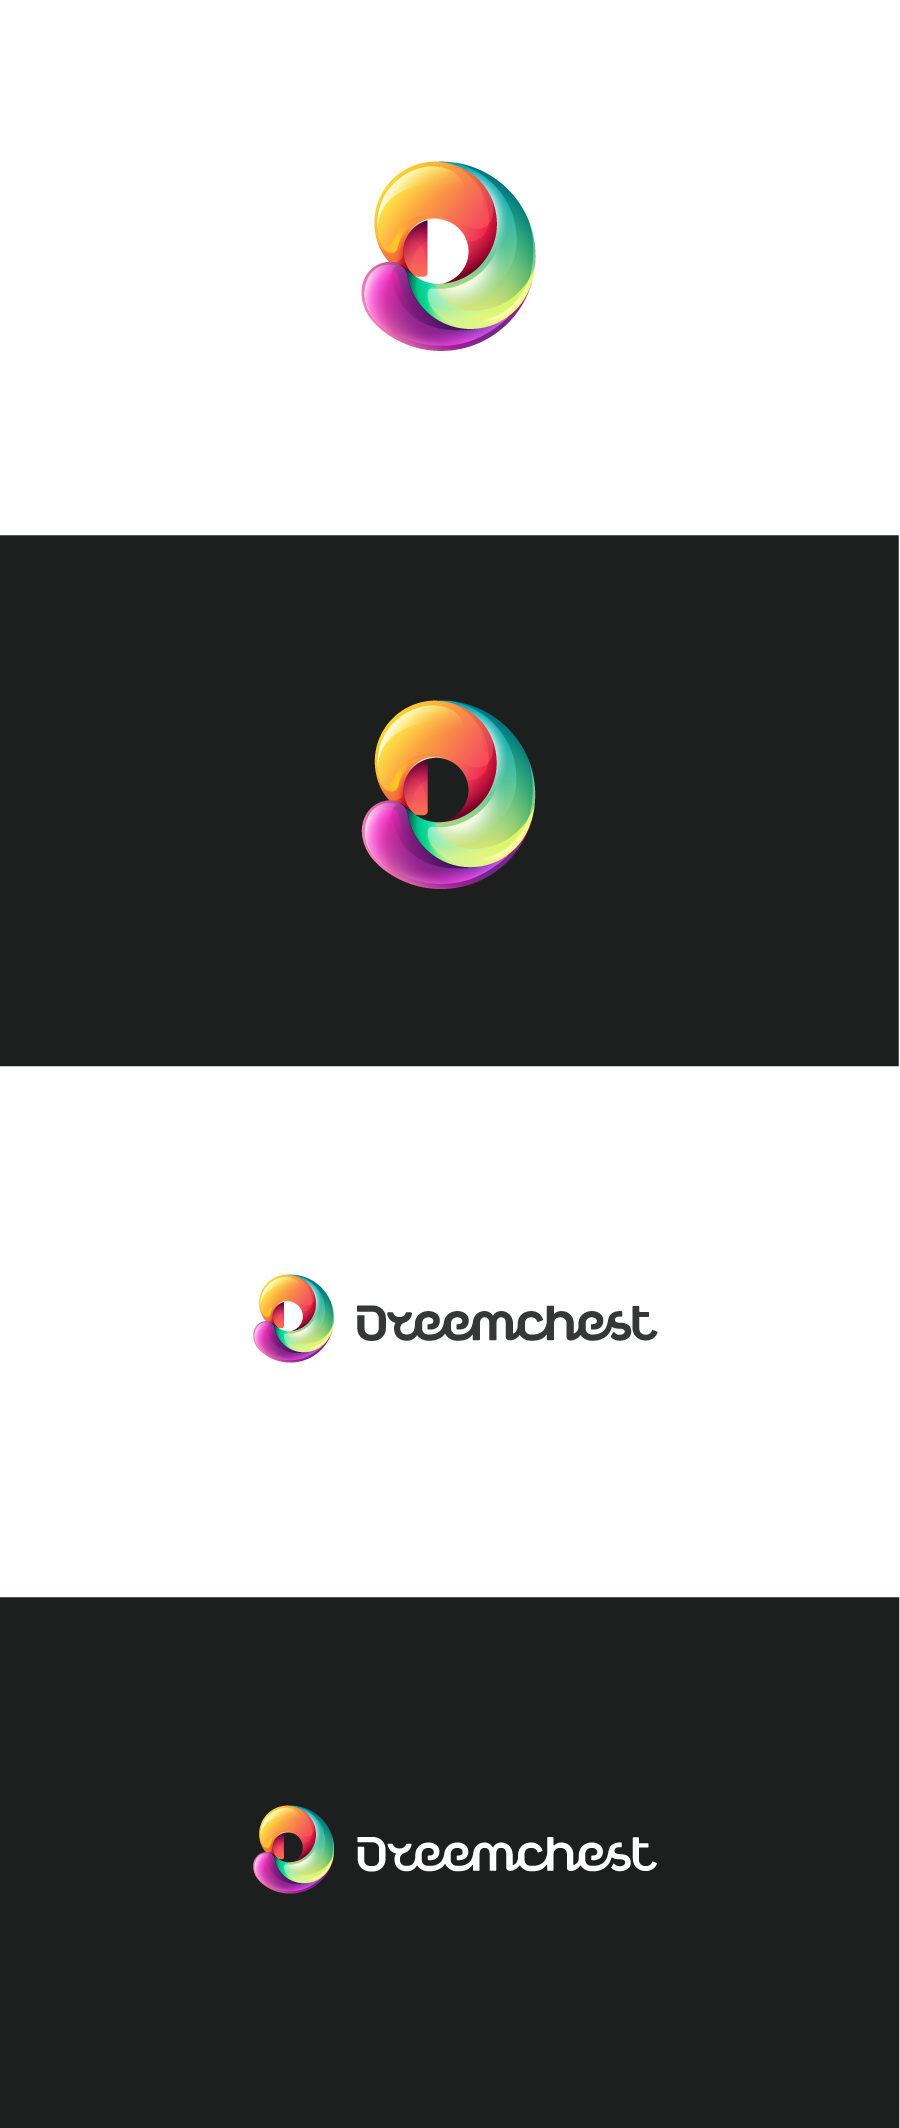 dreemchest_logo (1).png